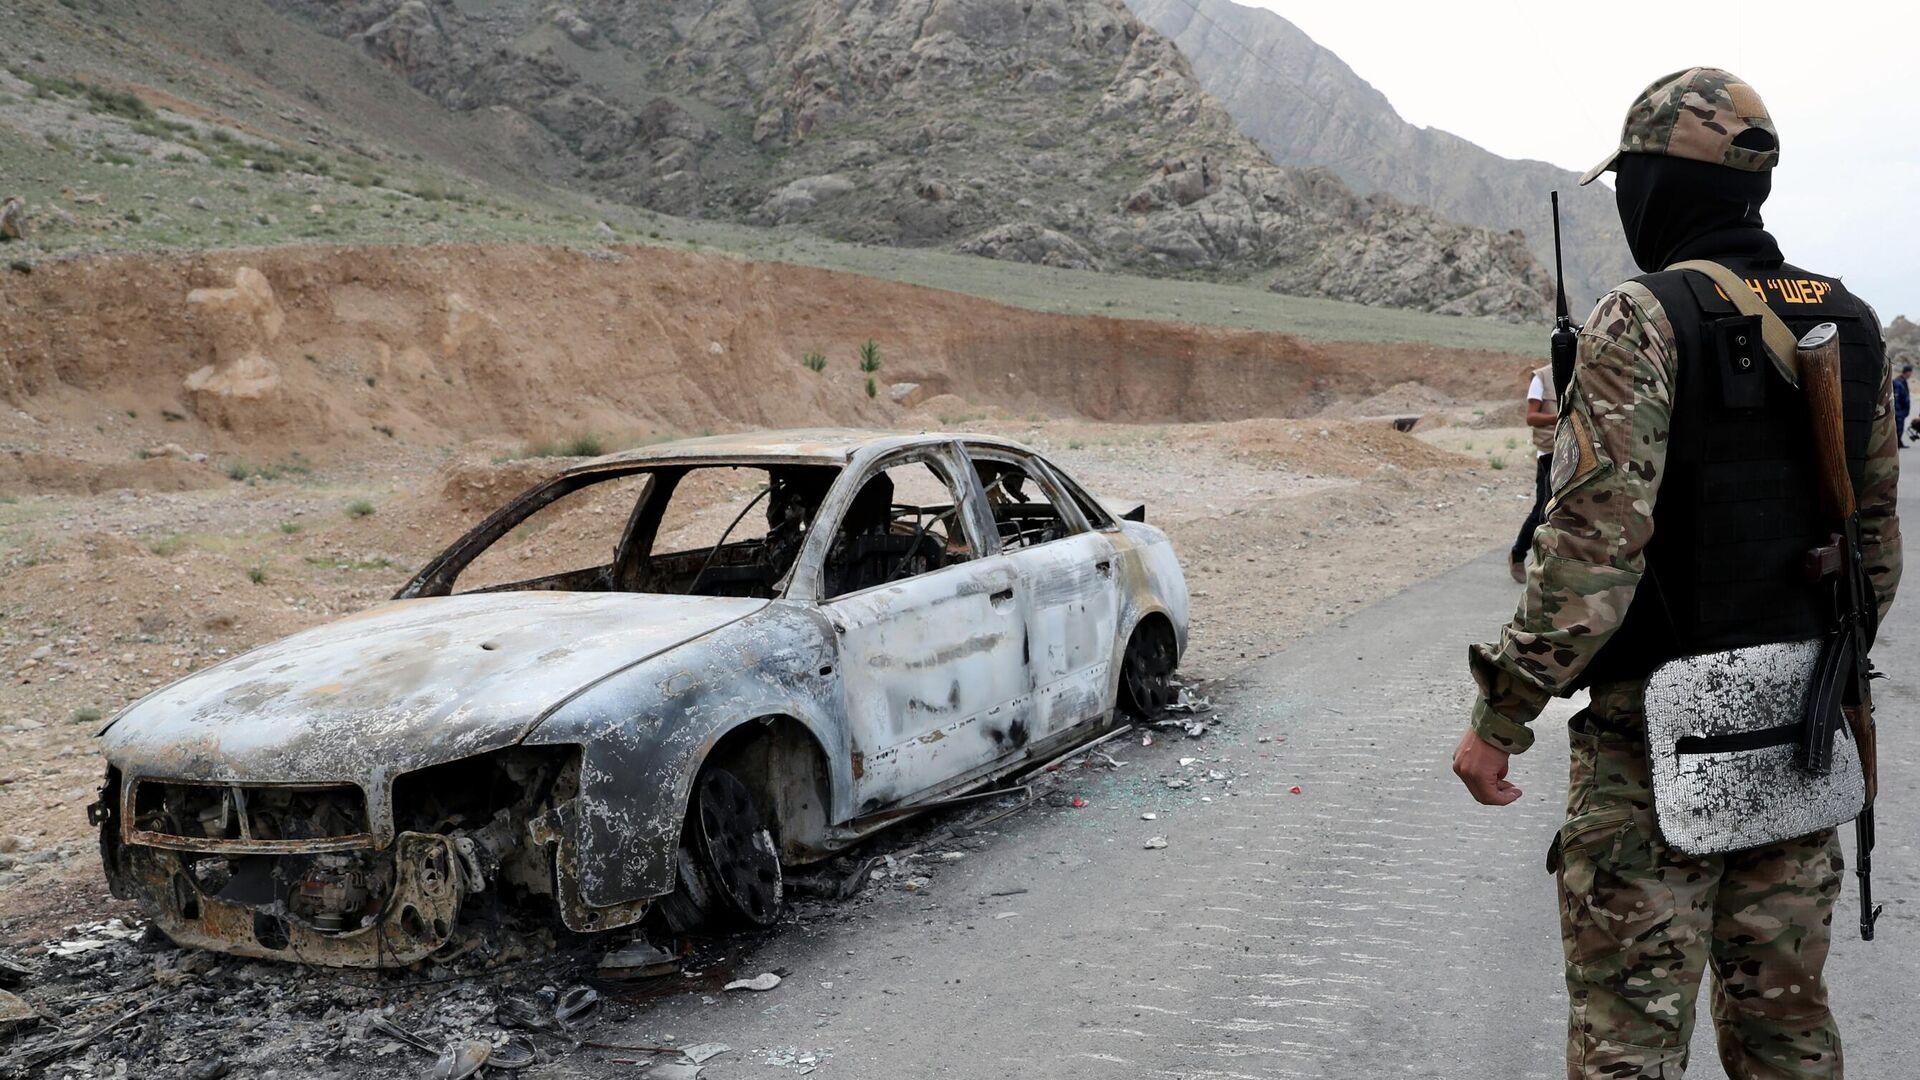 Военнослужащий Киргизии стоит у сгоревшей машины на границе Таджикистана и Киргизии в селе Кок-Таш - РИА Новости, 1920, 05.05.2021